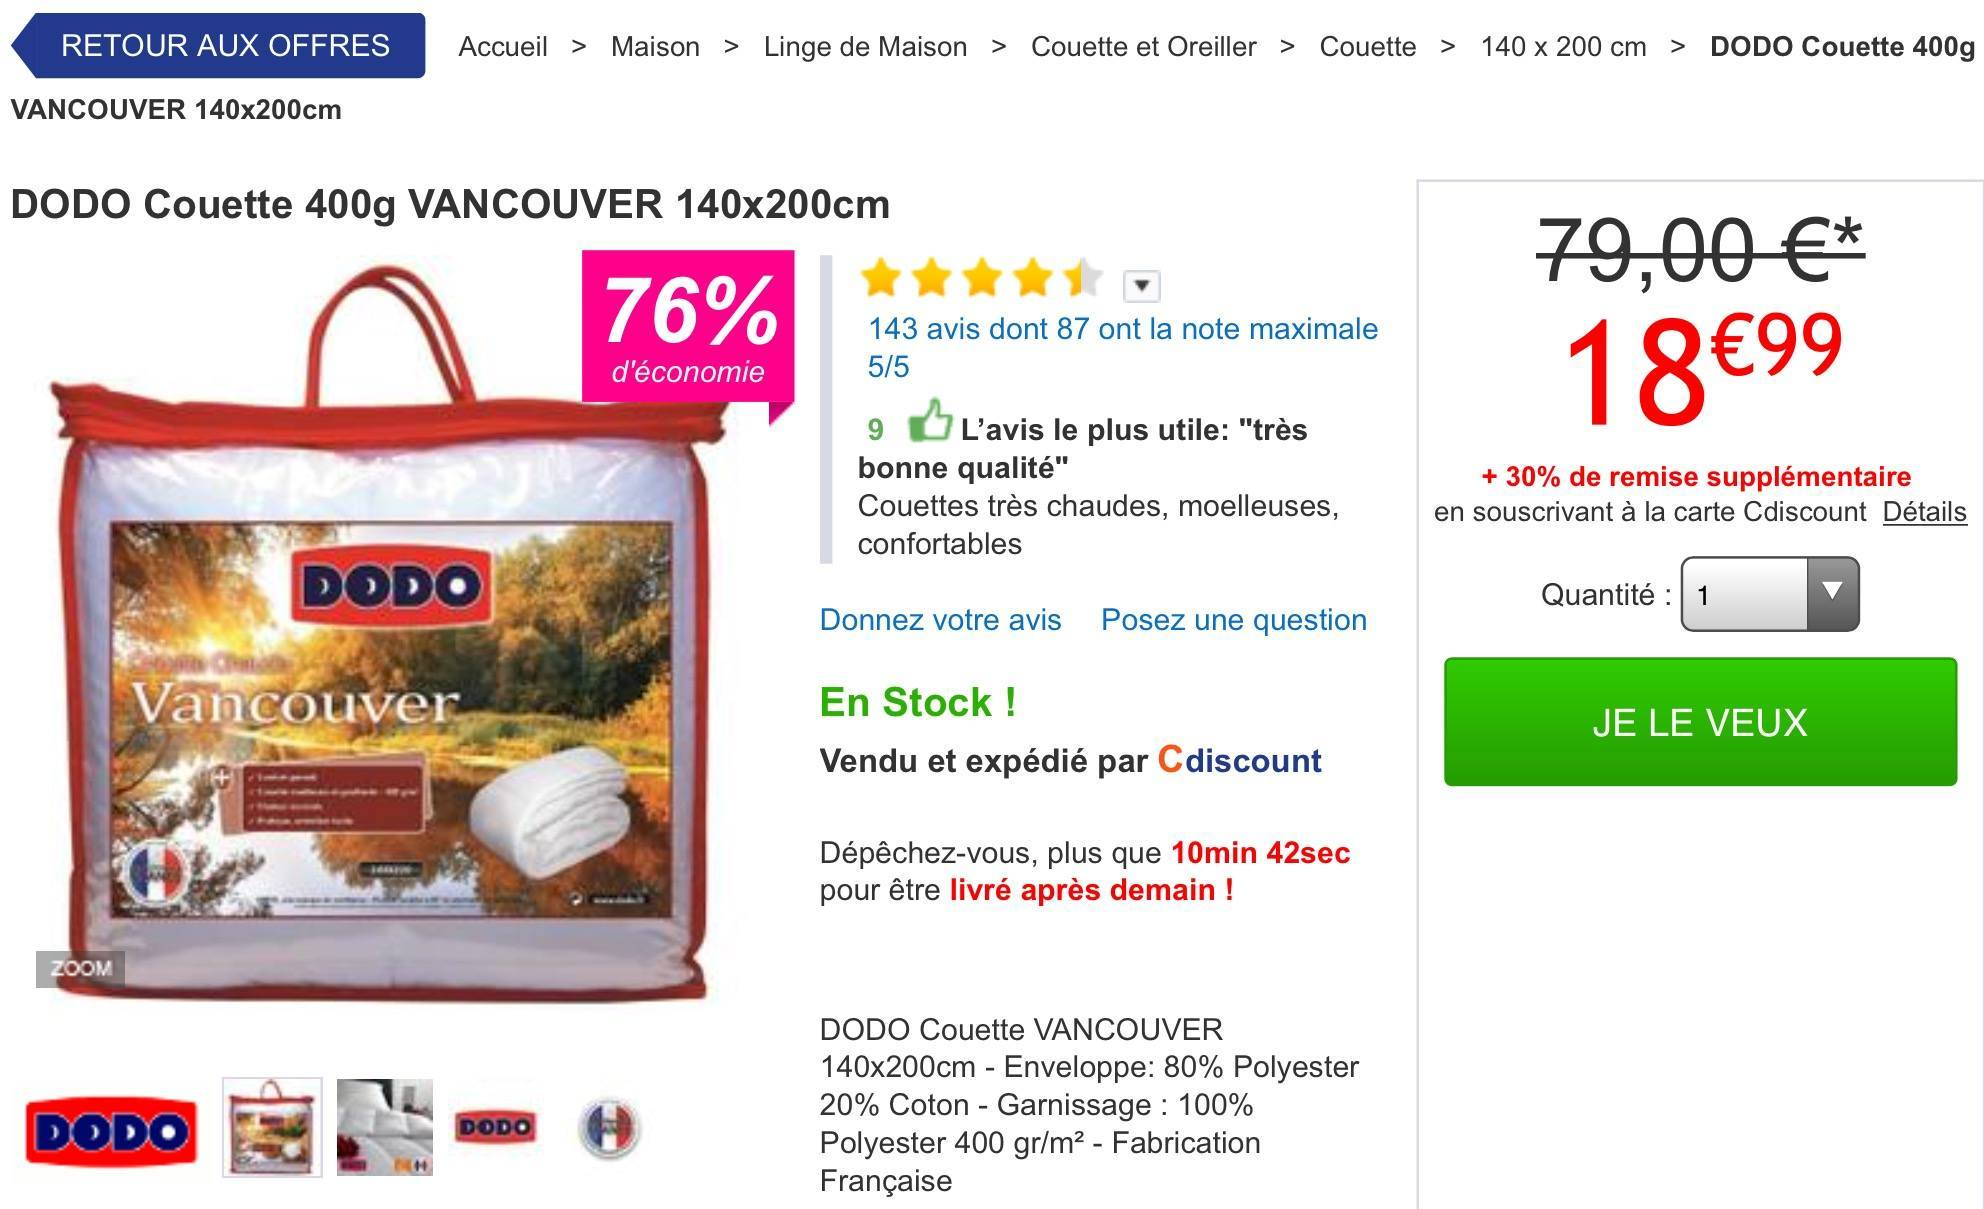 Couette Vancouver Dodo Wwwbreizh Poncagefr